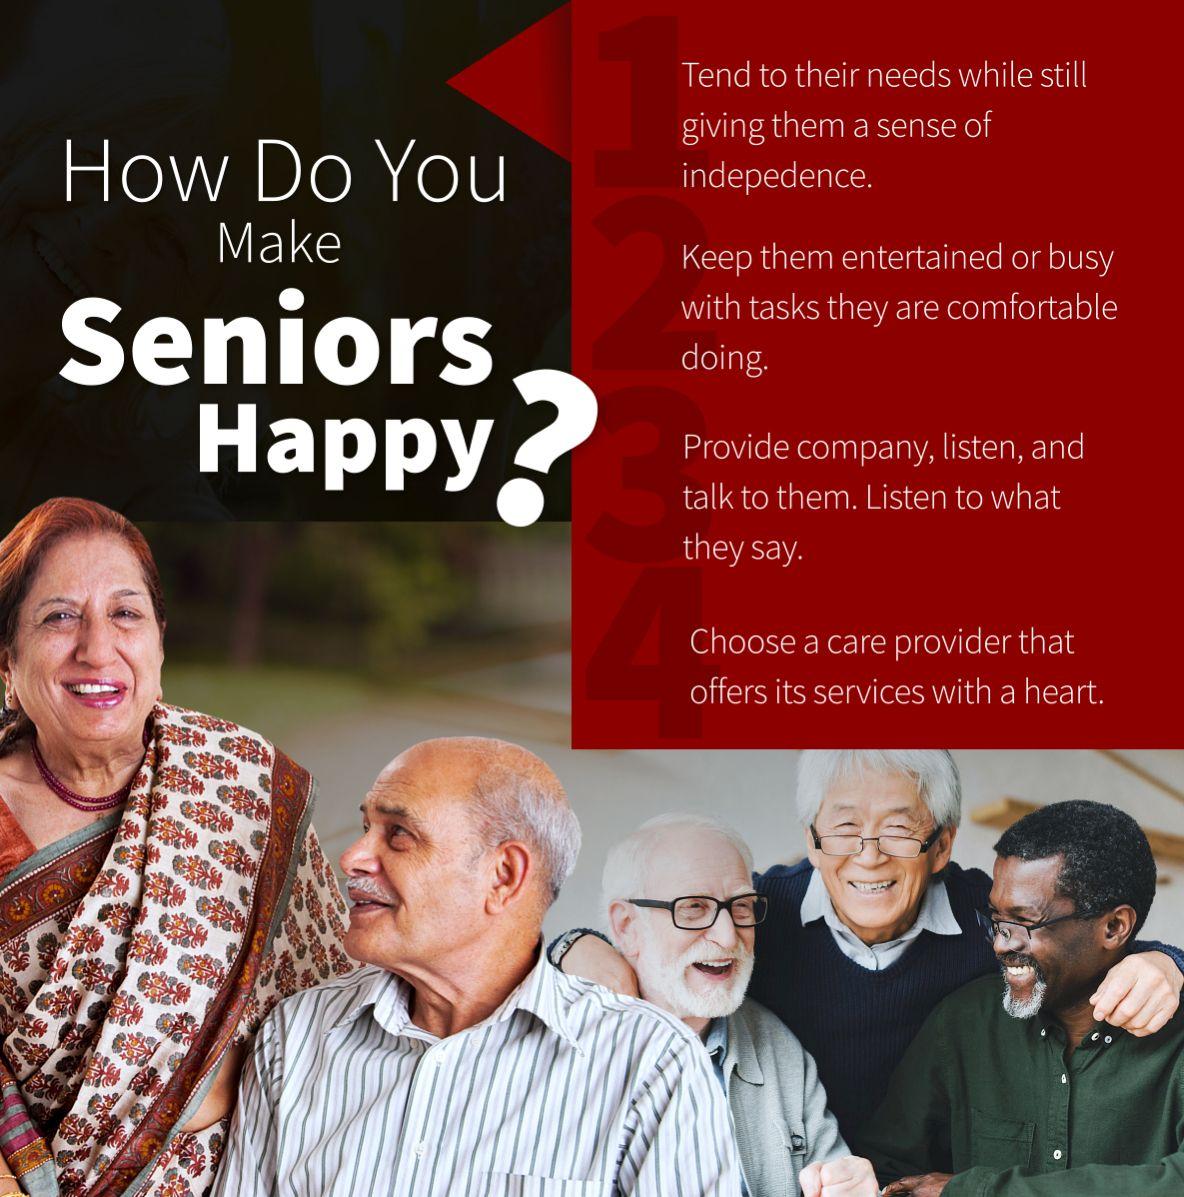 How Do You Make Seniors Happy?